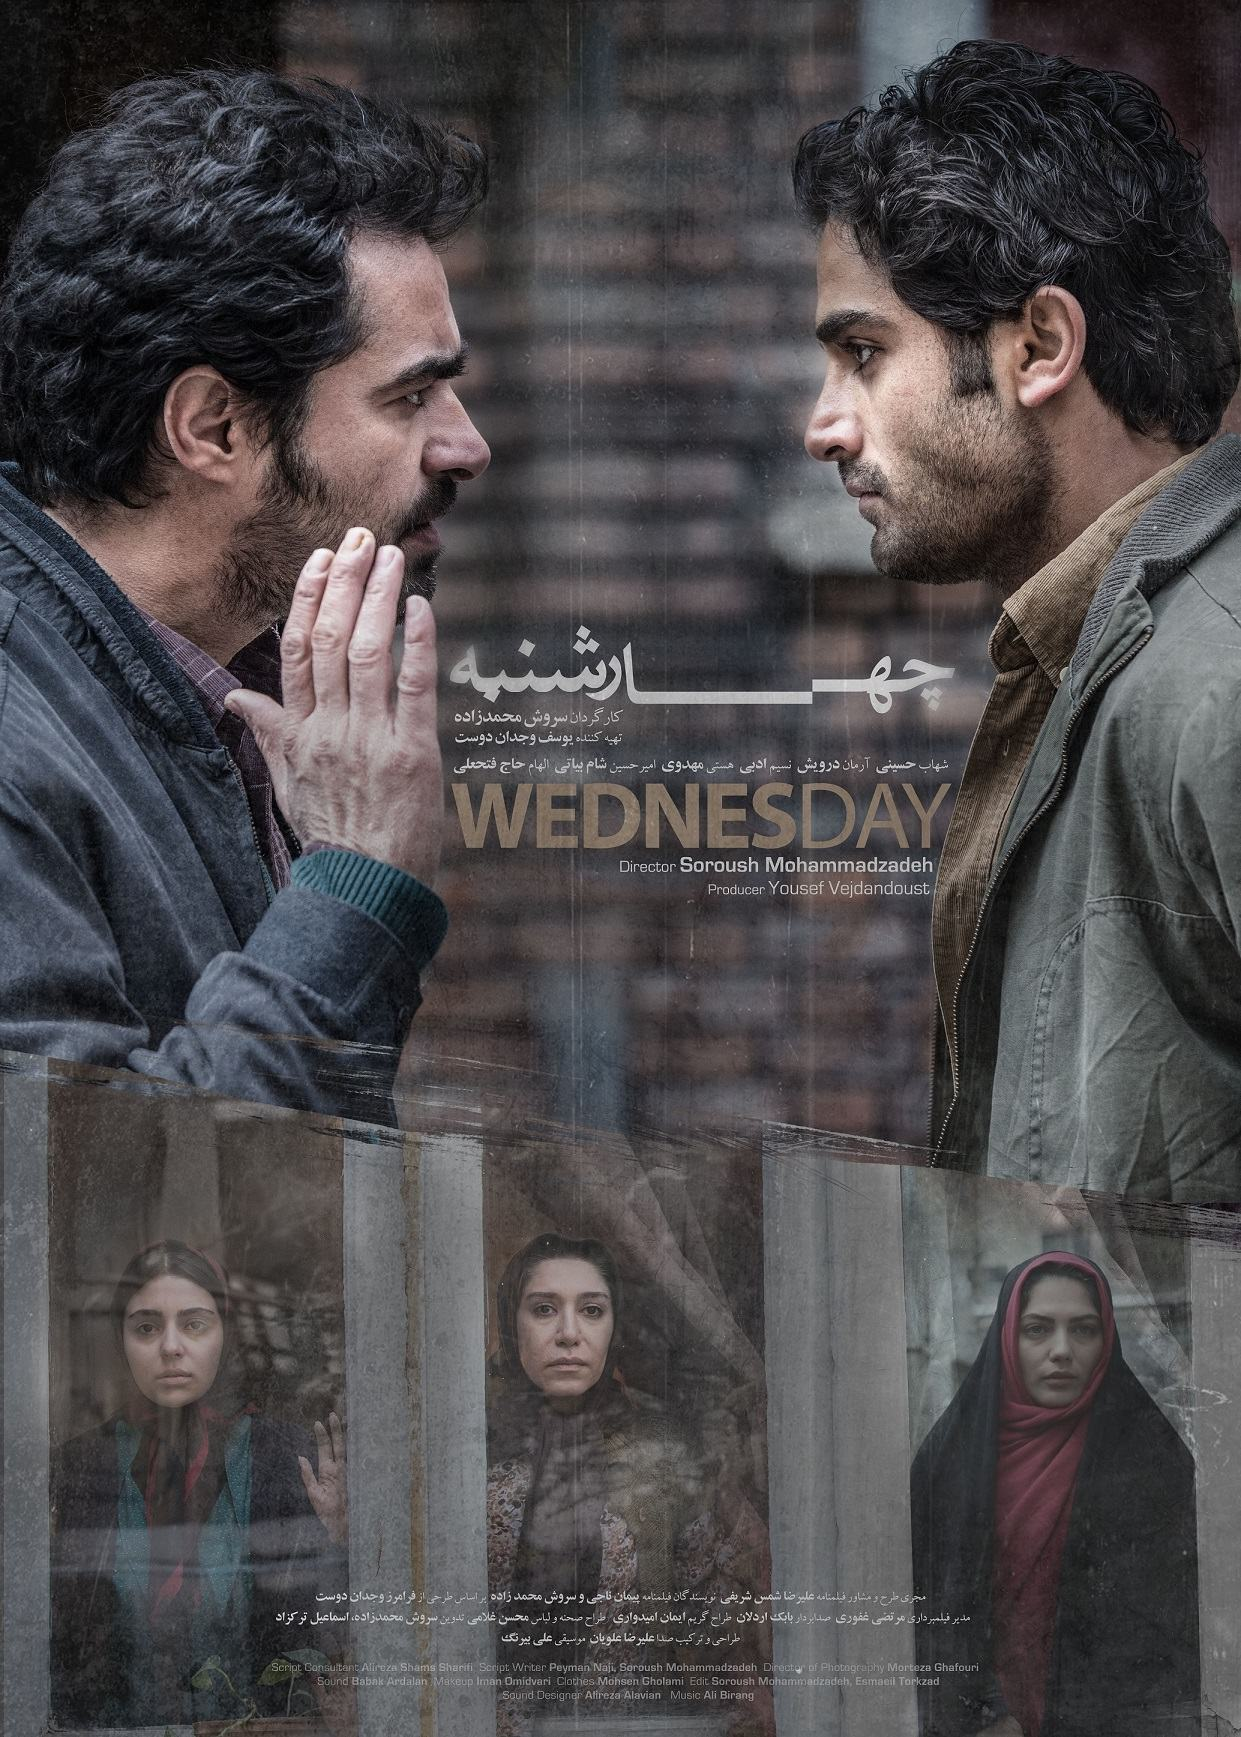 فیلم جدید «چهارشنبه»